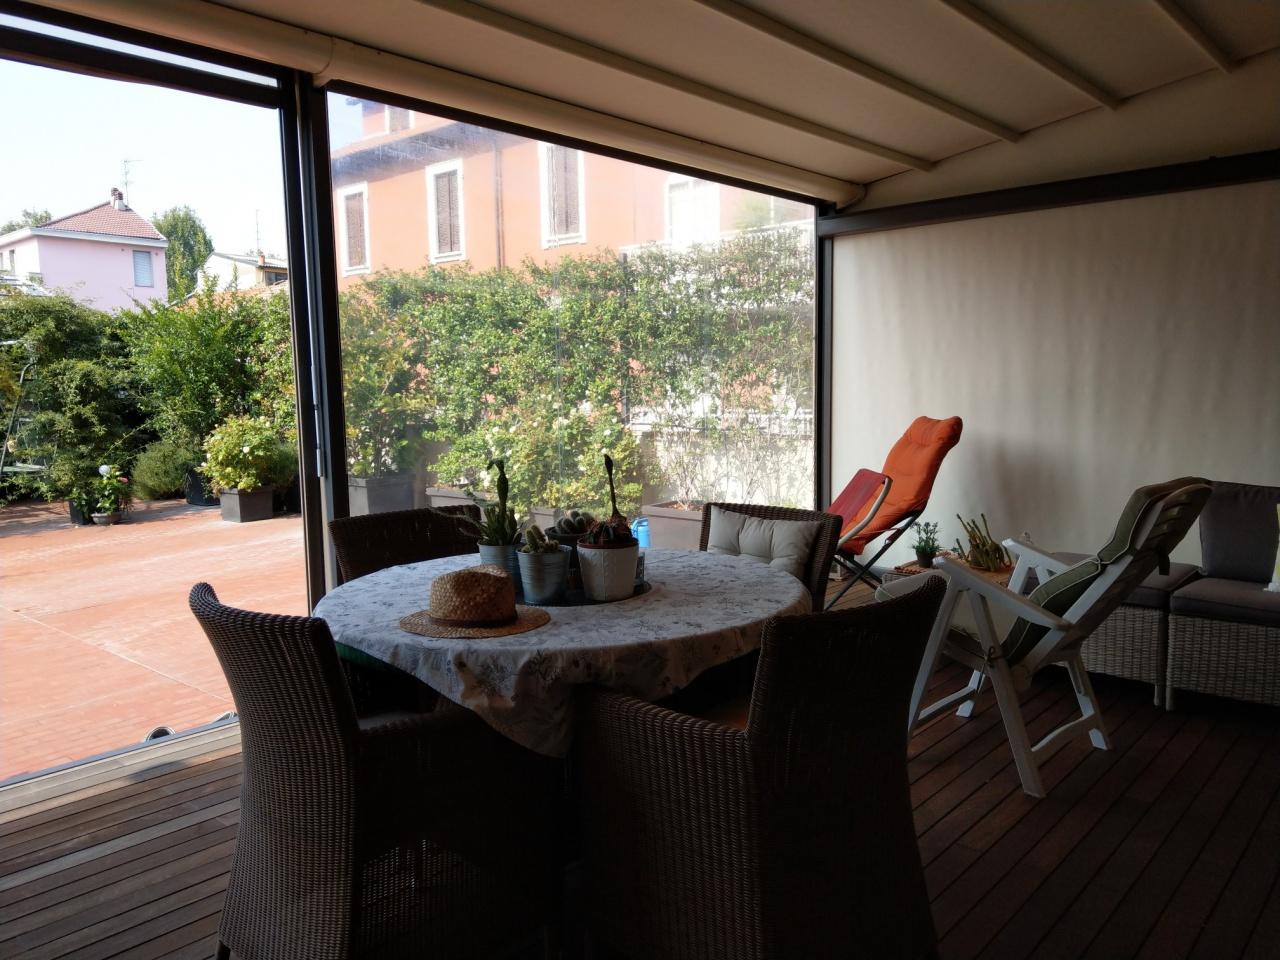 vendita appartamento milano viale monza / turro / gre  380000 euro  3 locali  130 mq